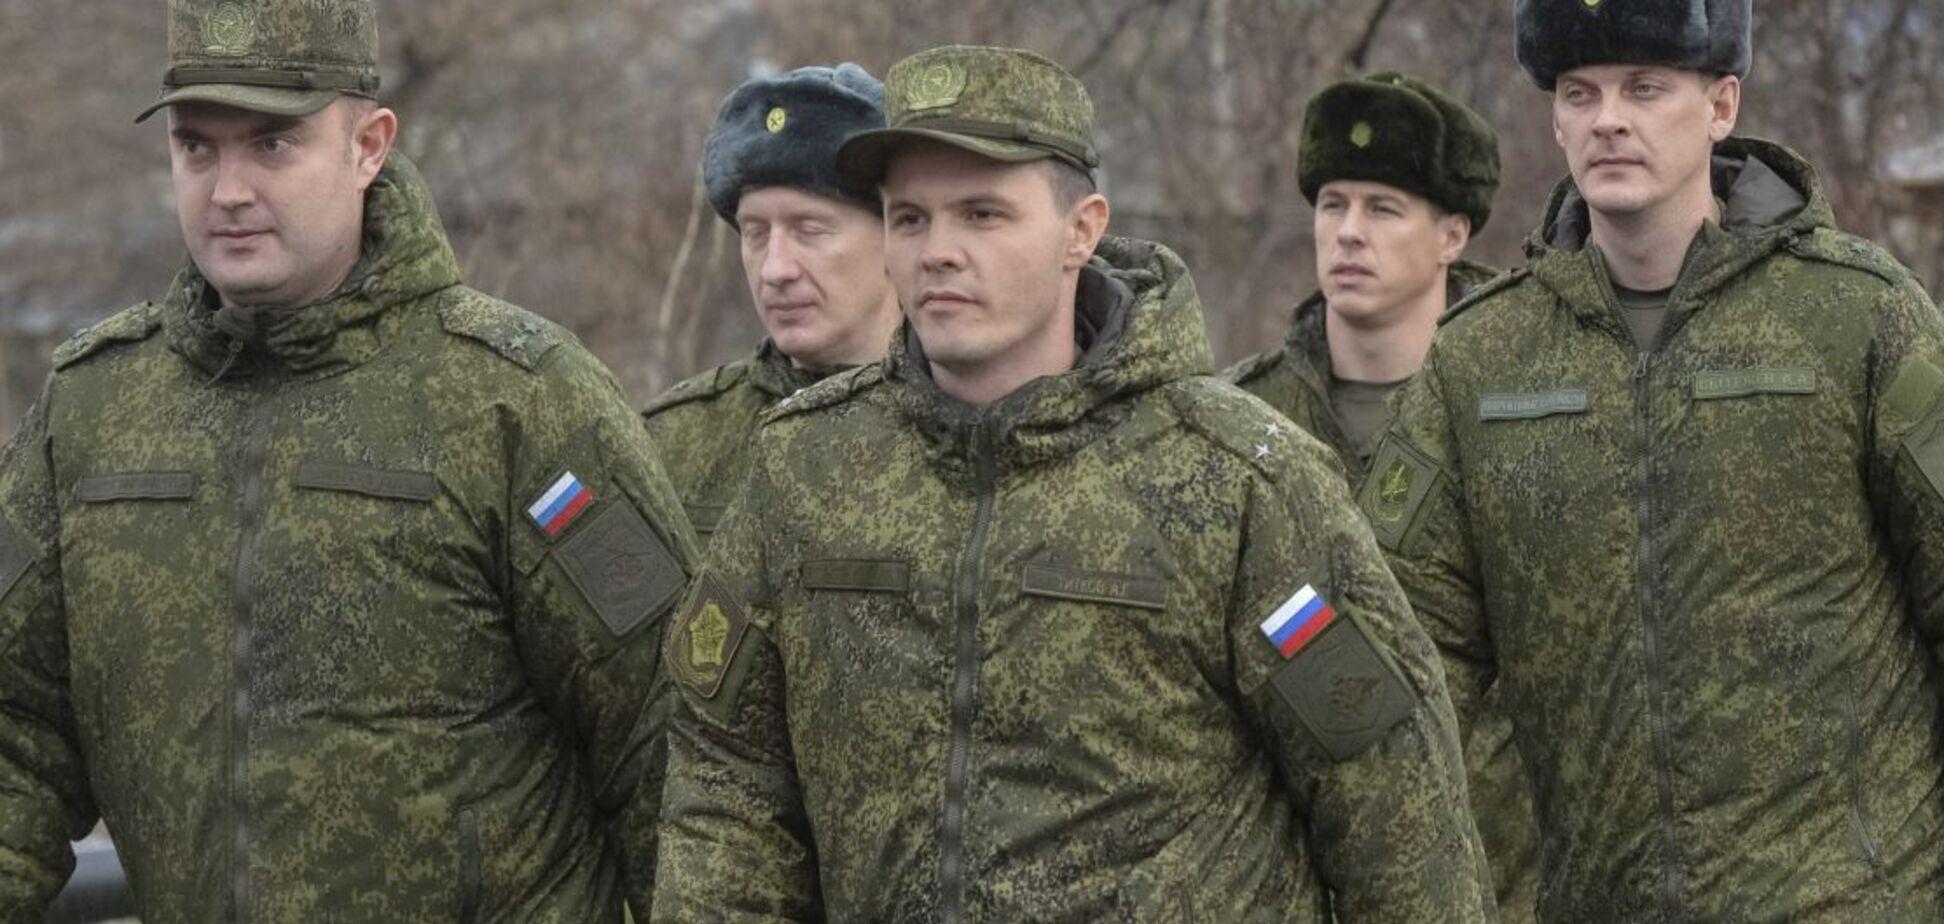 Выход россиян из СЦКК: Марчук раскрыл, чего испугались в Кремле